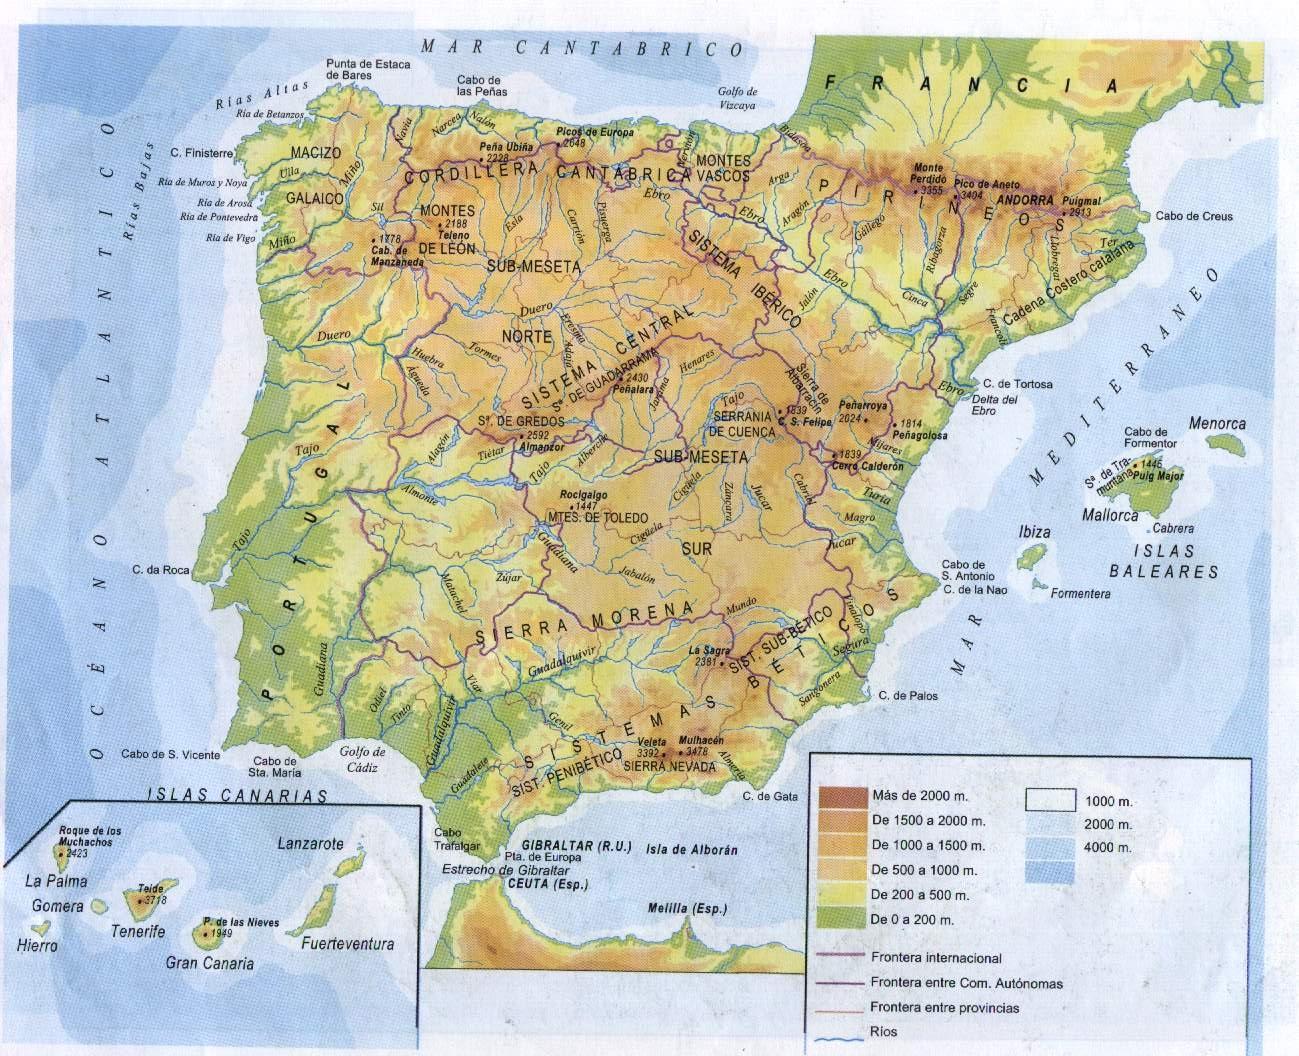 Cabos De España Mapa Interactivo.Mapa Fisico Interactivo Mapa